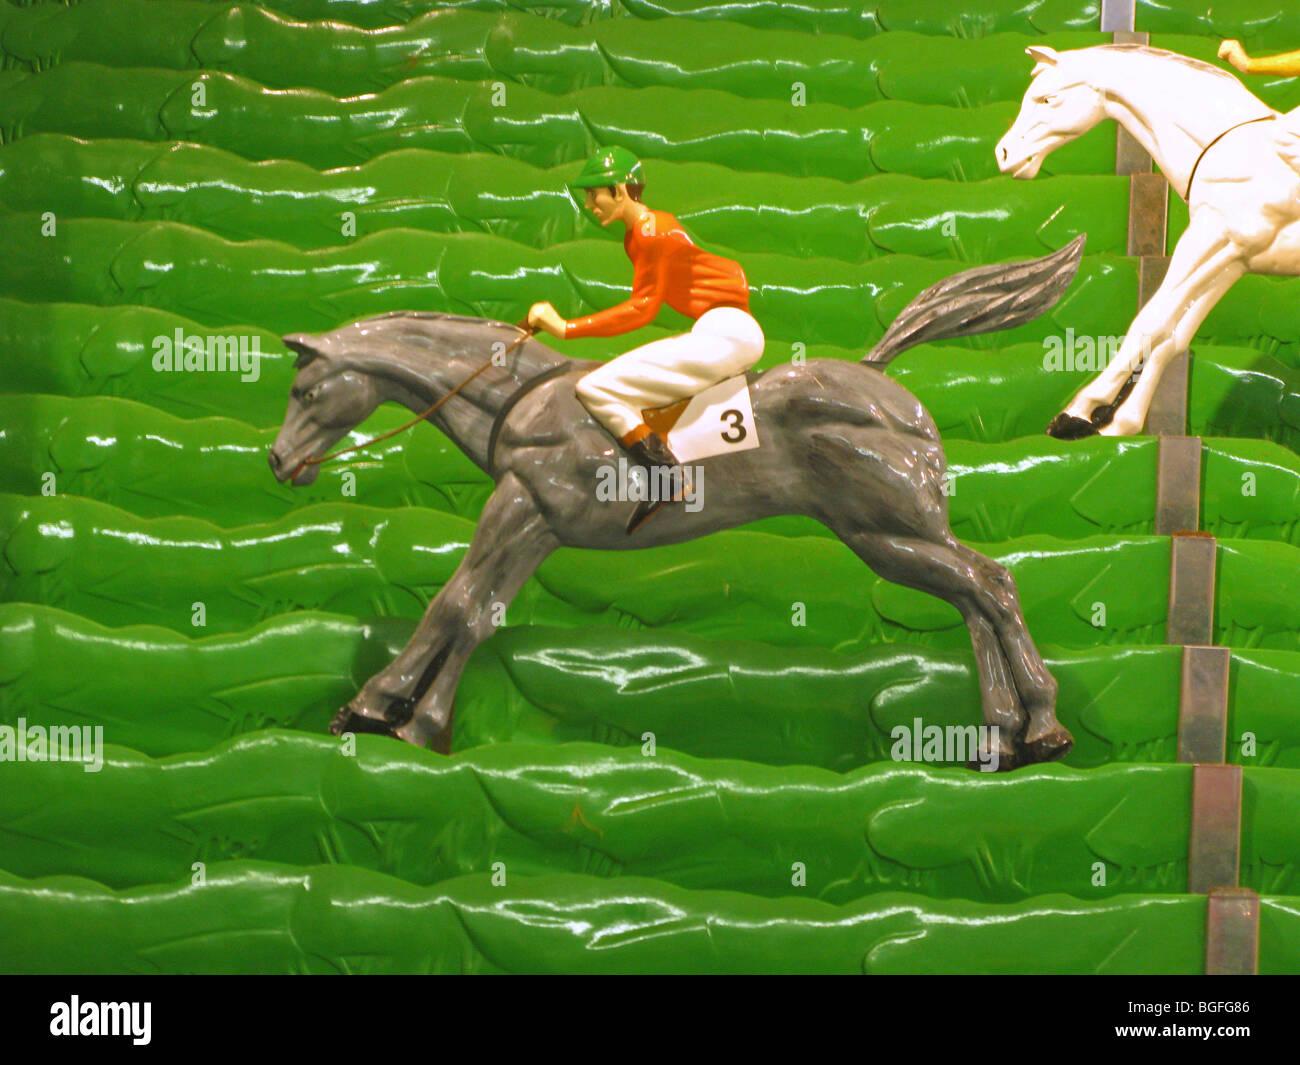 Gioco di divertimento giocattoli - horse racing Immagini Stock